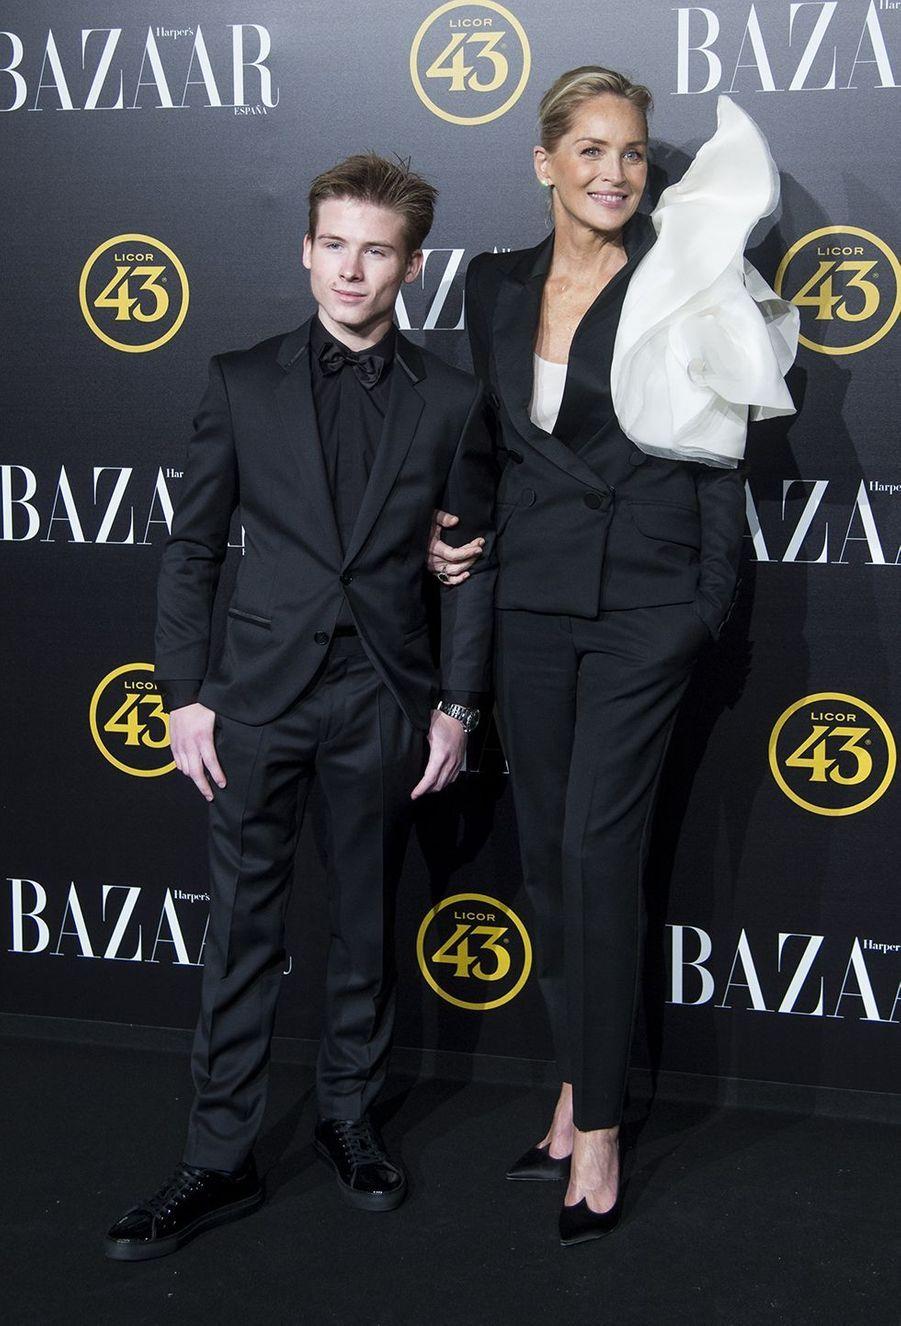 Sharon Stone et son fils Roan Bronstein lors dela soirée Harper Bazaar Attitude 43 Awards à Madrid le 5 novembre 2019.